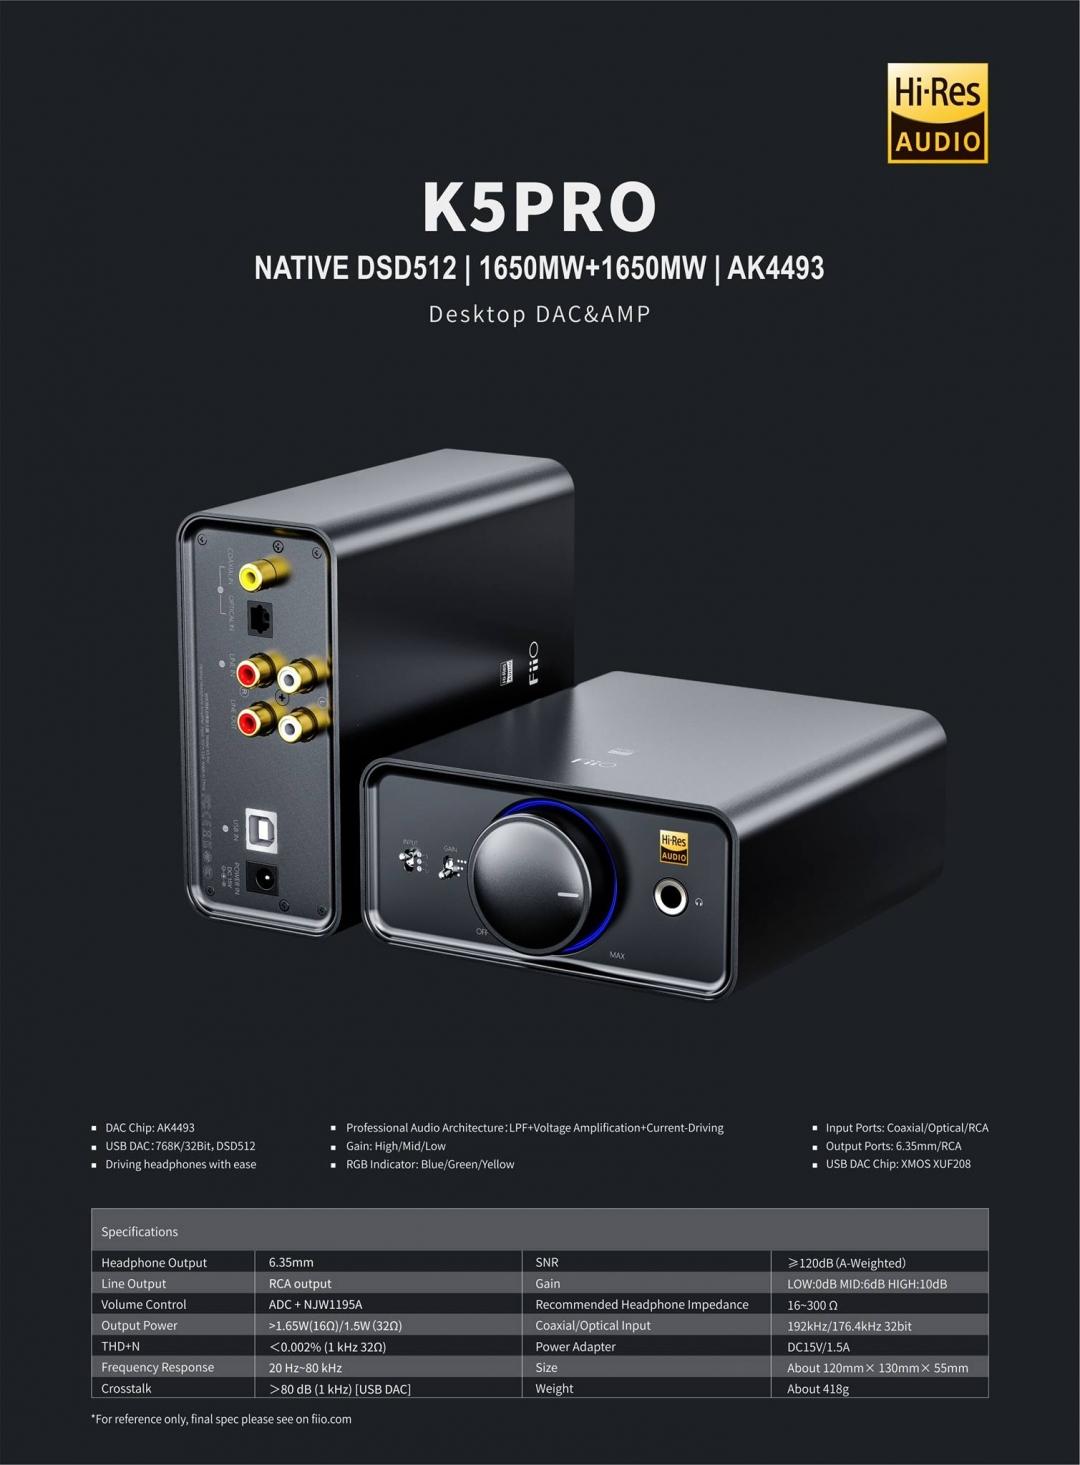 FiiO ra mắt K5 PRO mẫu DAC/Amp chuyên dành cho các tai nghe khó kéo